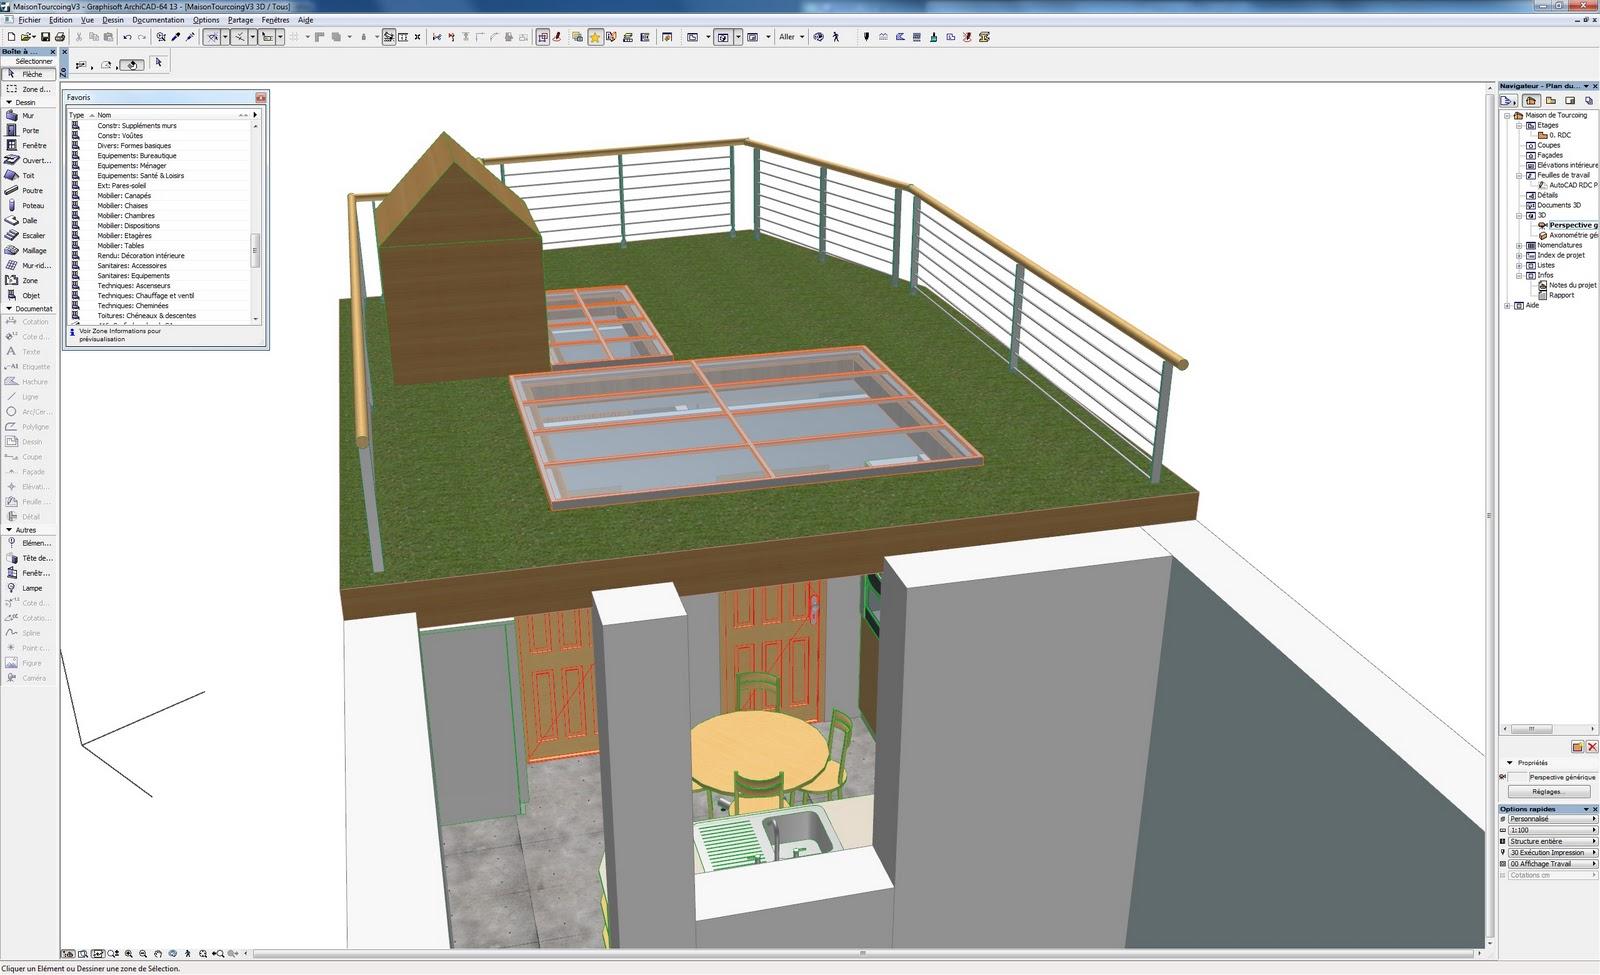 R novation de ma maison vue 3d de la terrasse sans l 39 escalier for Terrasse 3d